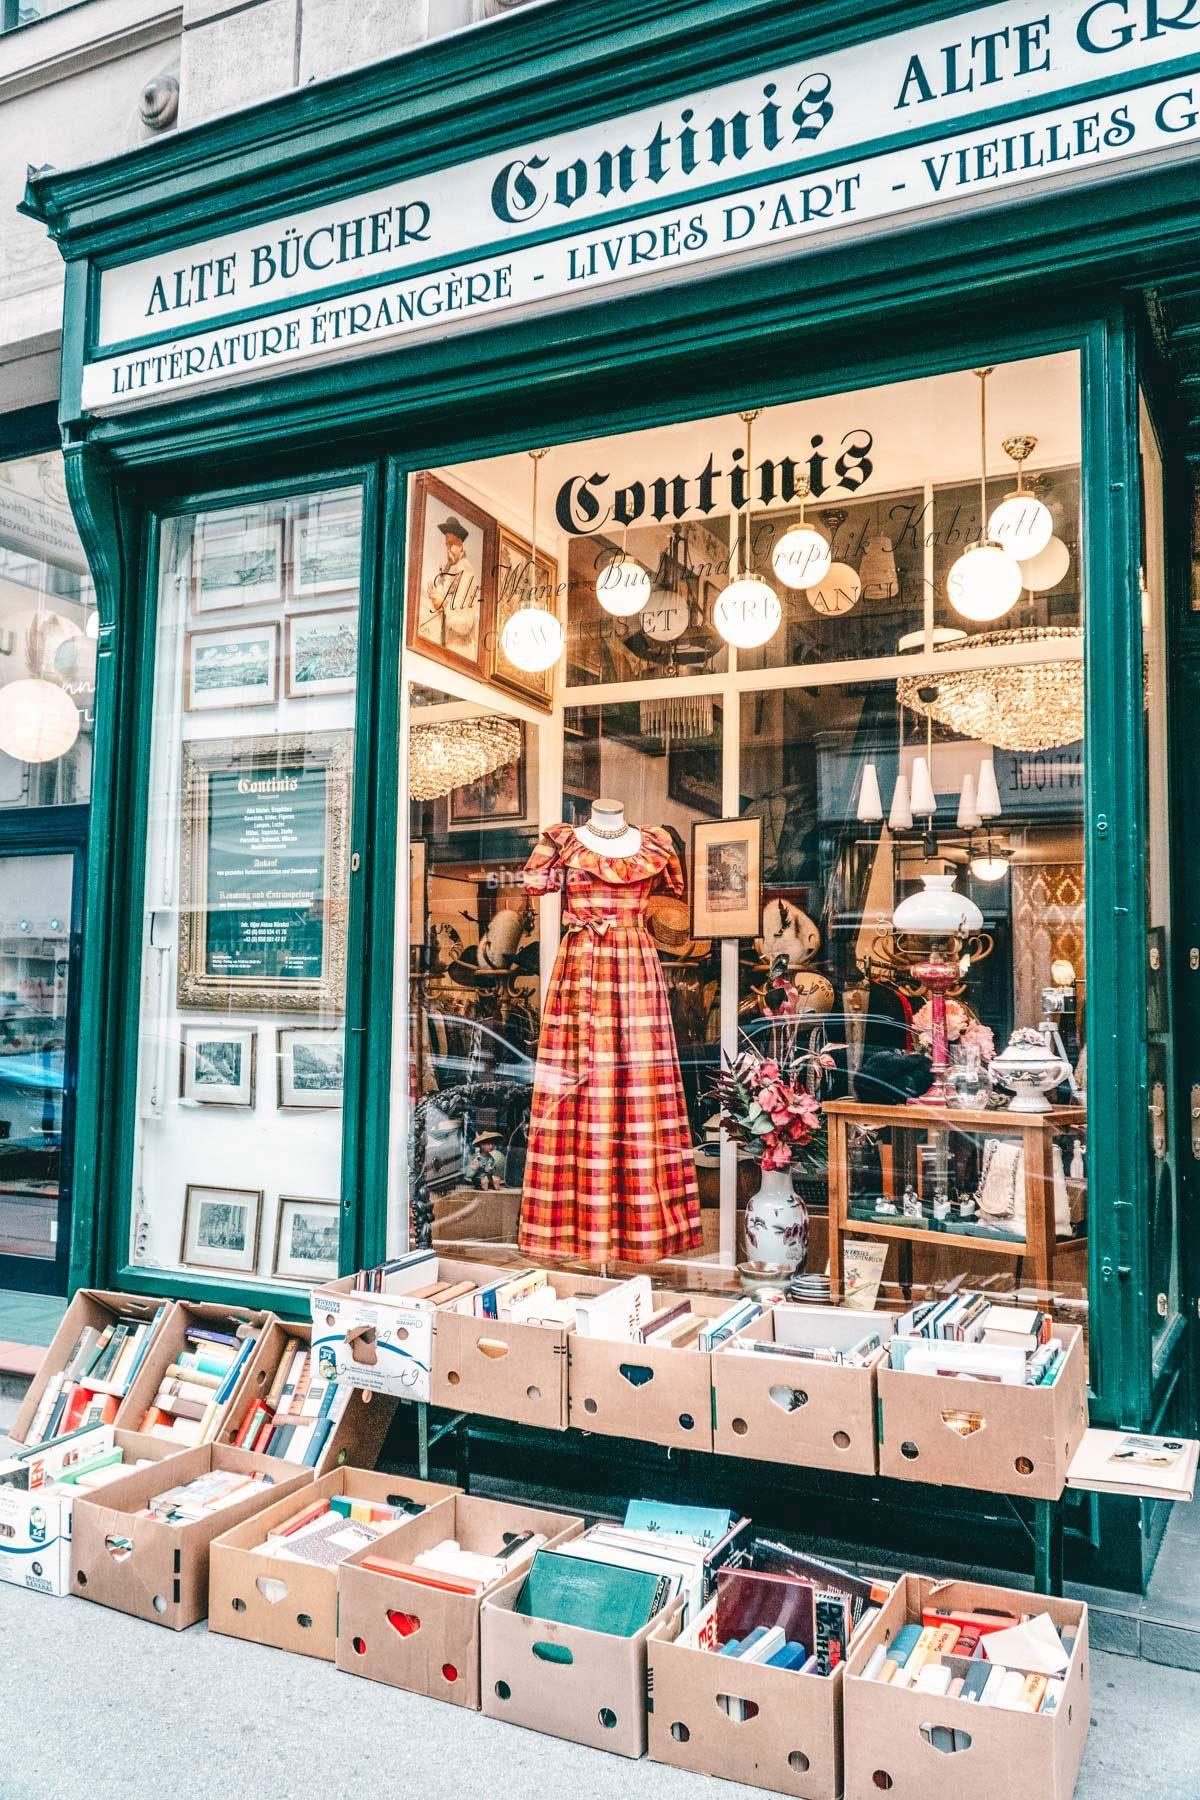 Lust auf ein kulinarisches #Wochenende in #Wien? Wir haben auf www.lilies-diary.com ein paar #Tipps für tolle Restaurants, Cafés und ein fantastisches #Hotel in Wien.